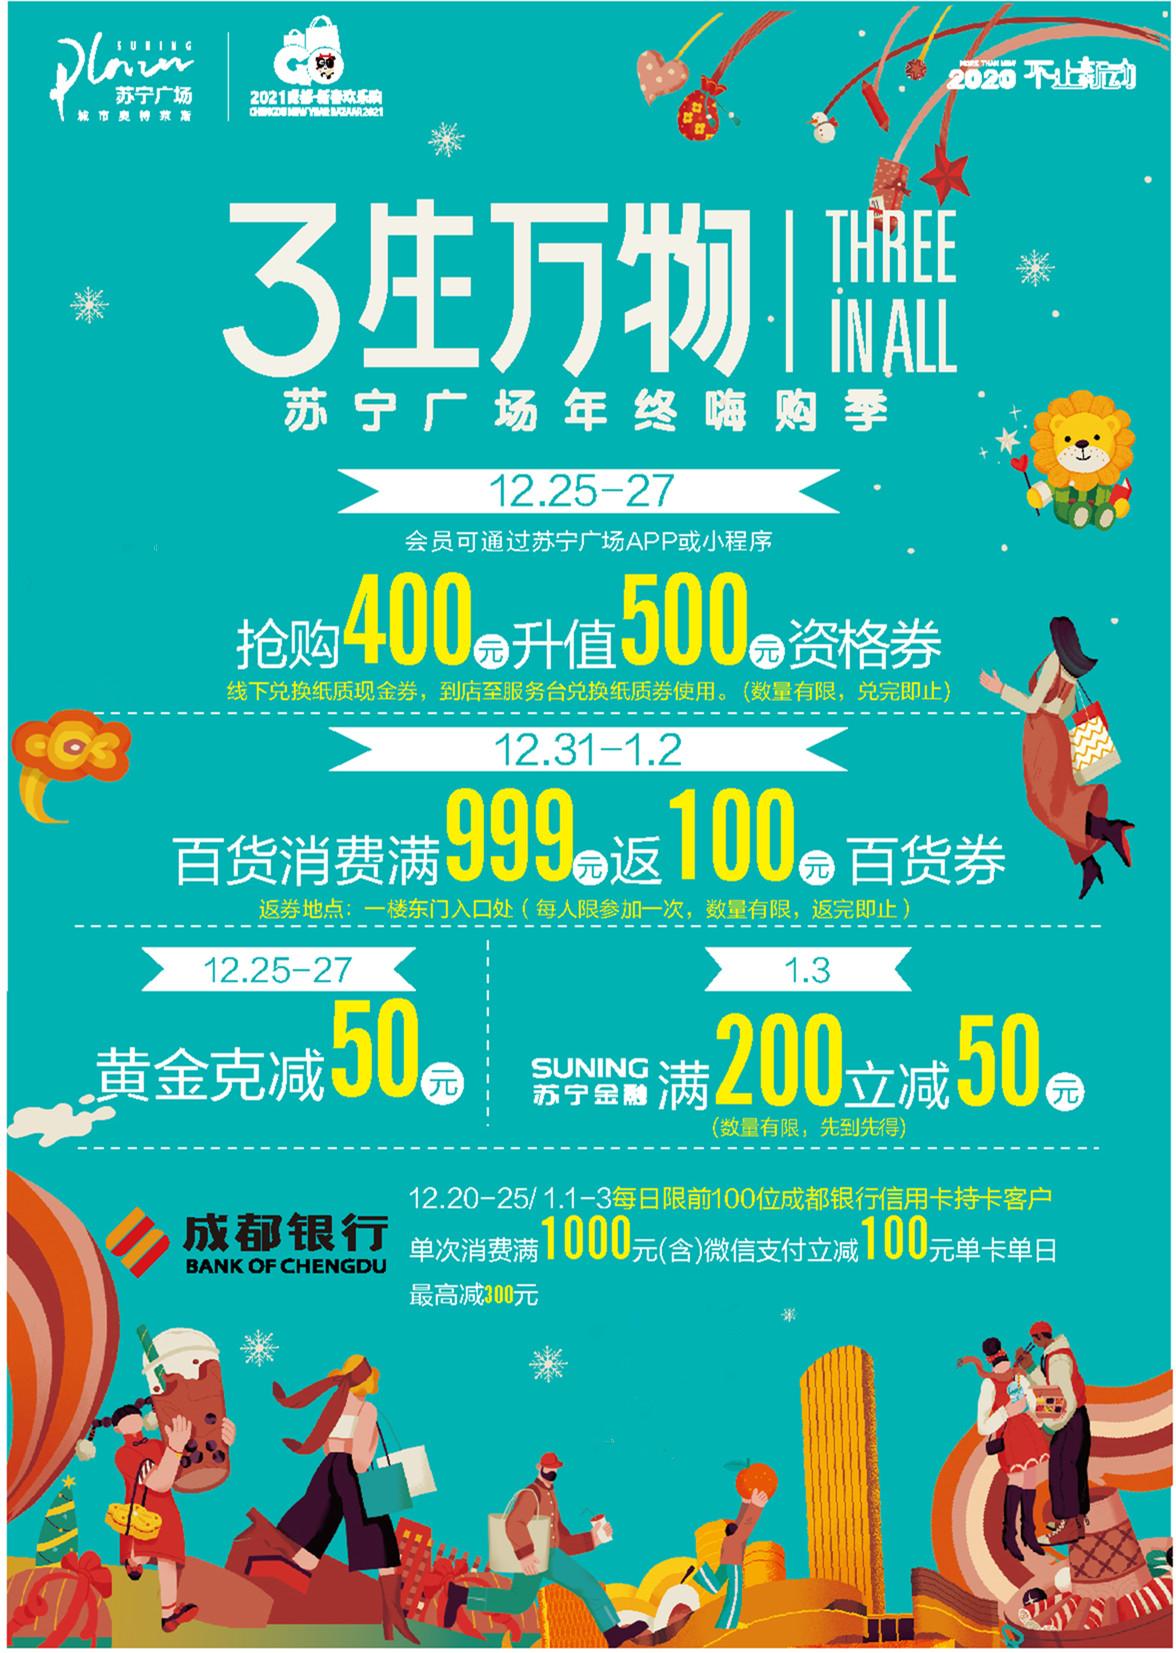 成都苏宁广场年终嗨购季也将正式拉开序幕